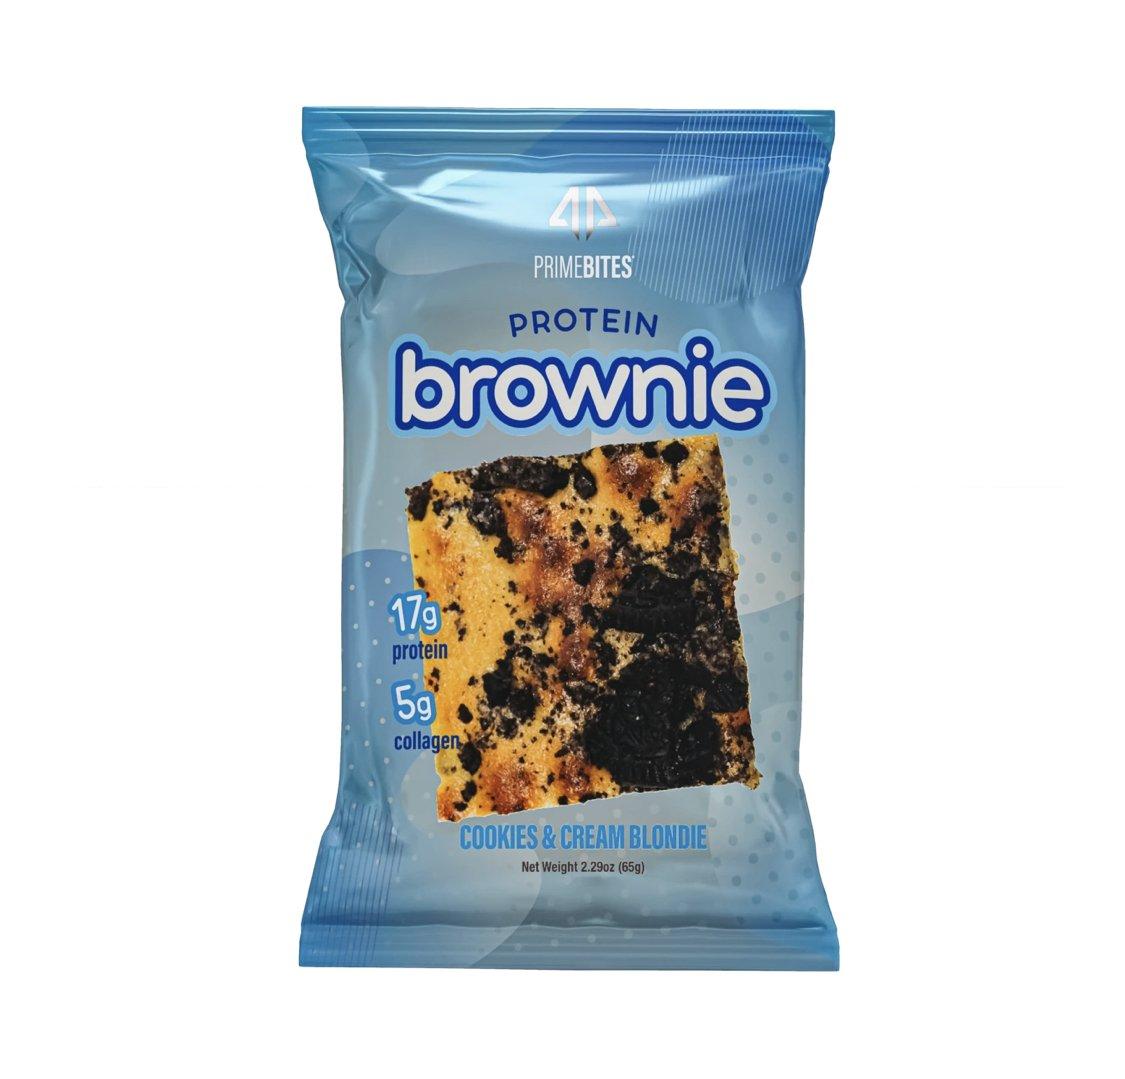 AP PRIME BITES PROTEIN BROWNIE